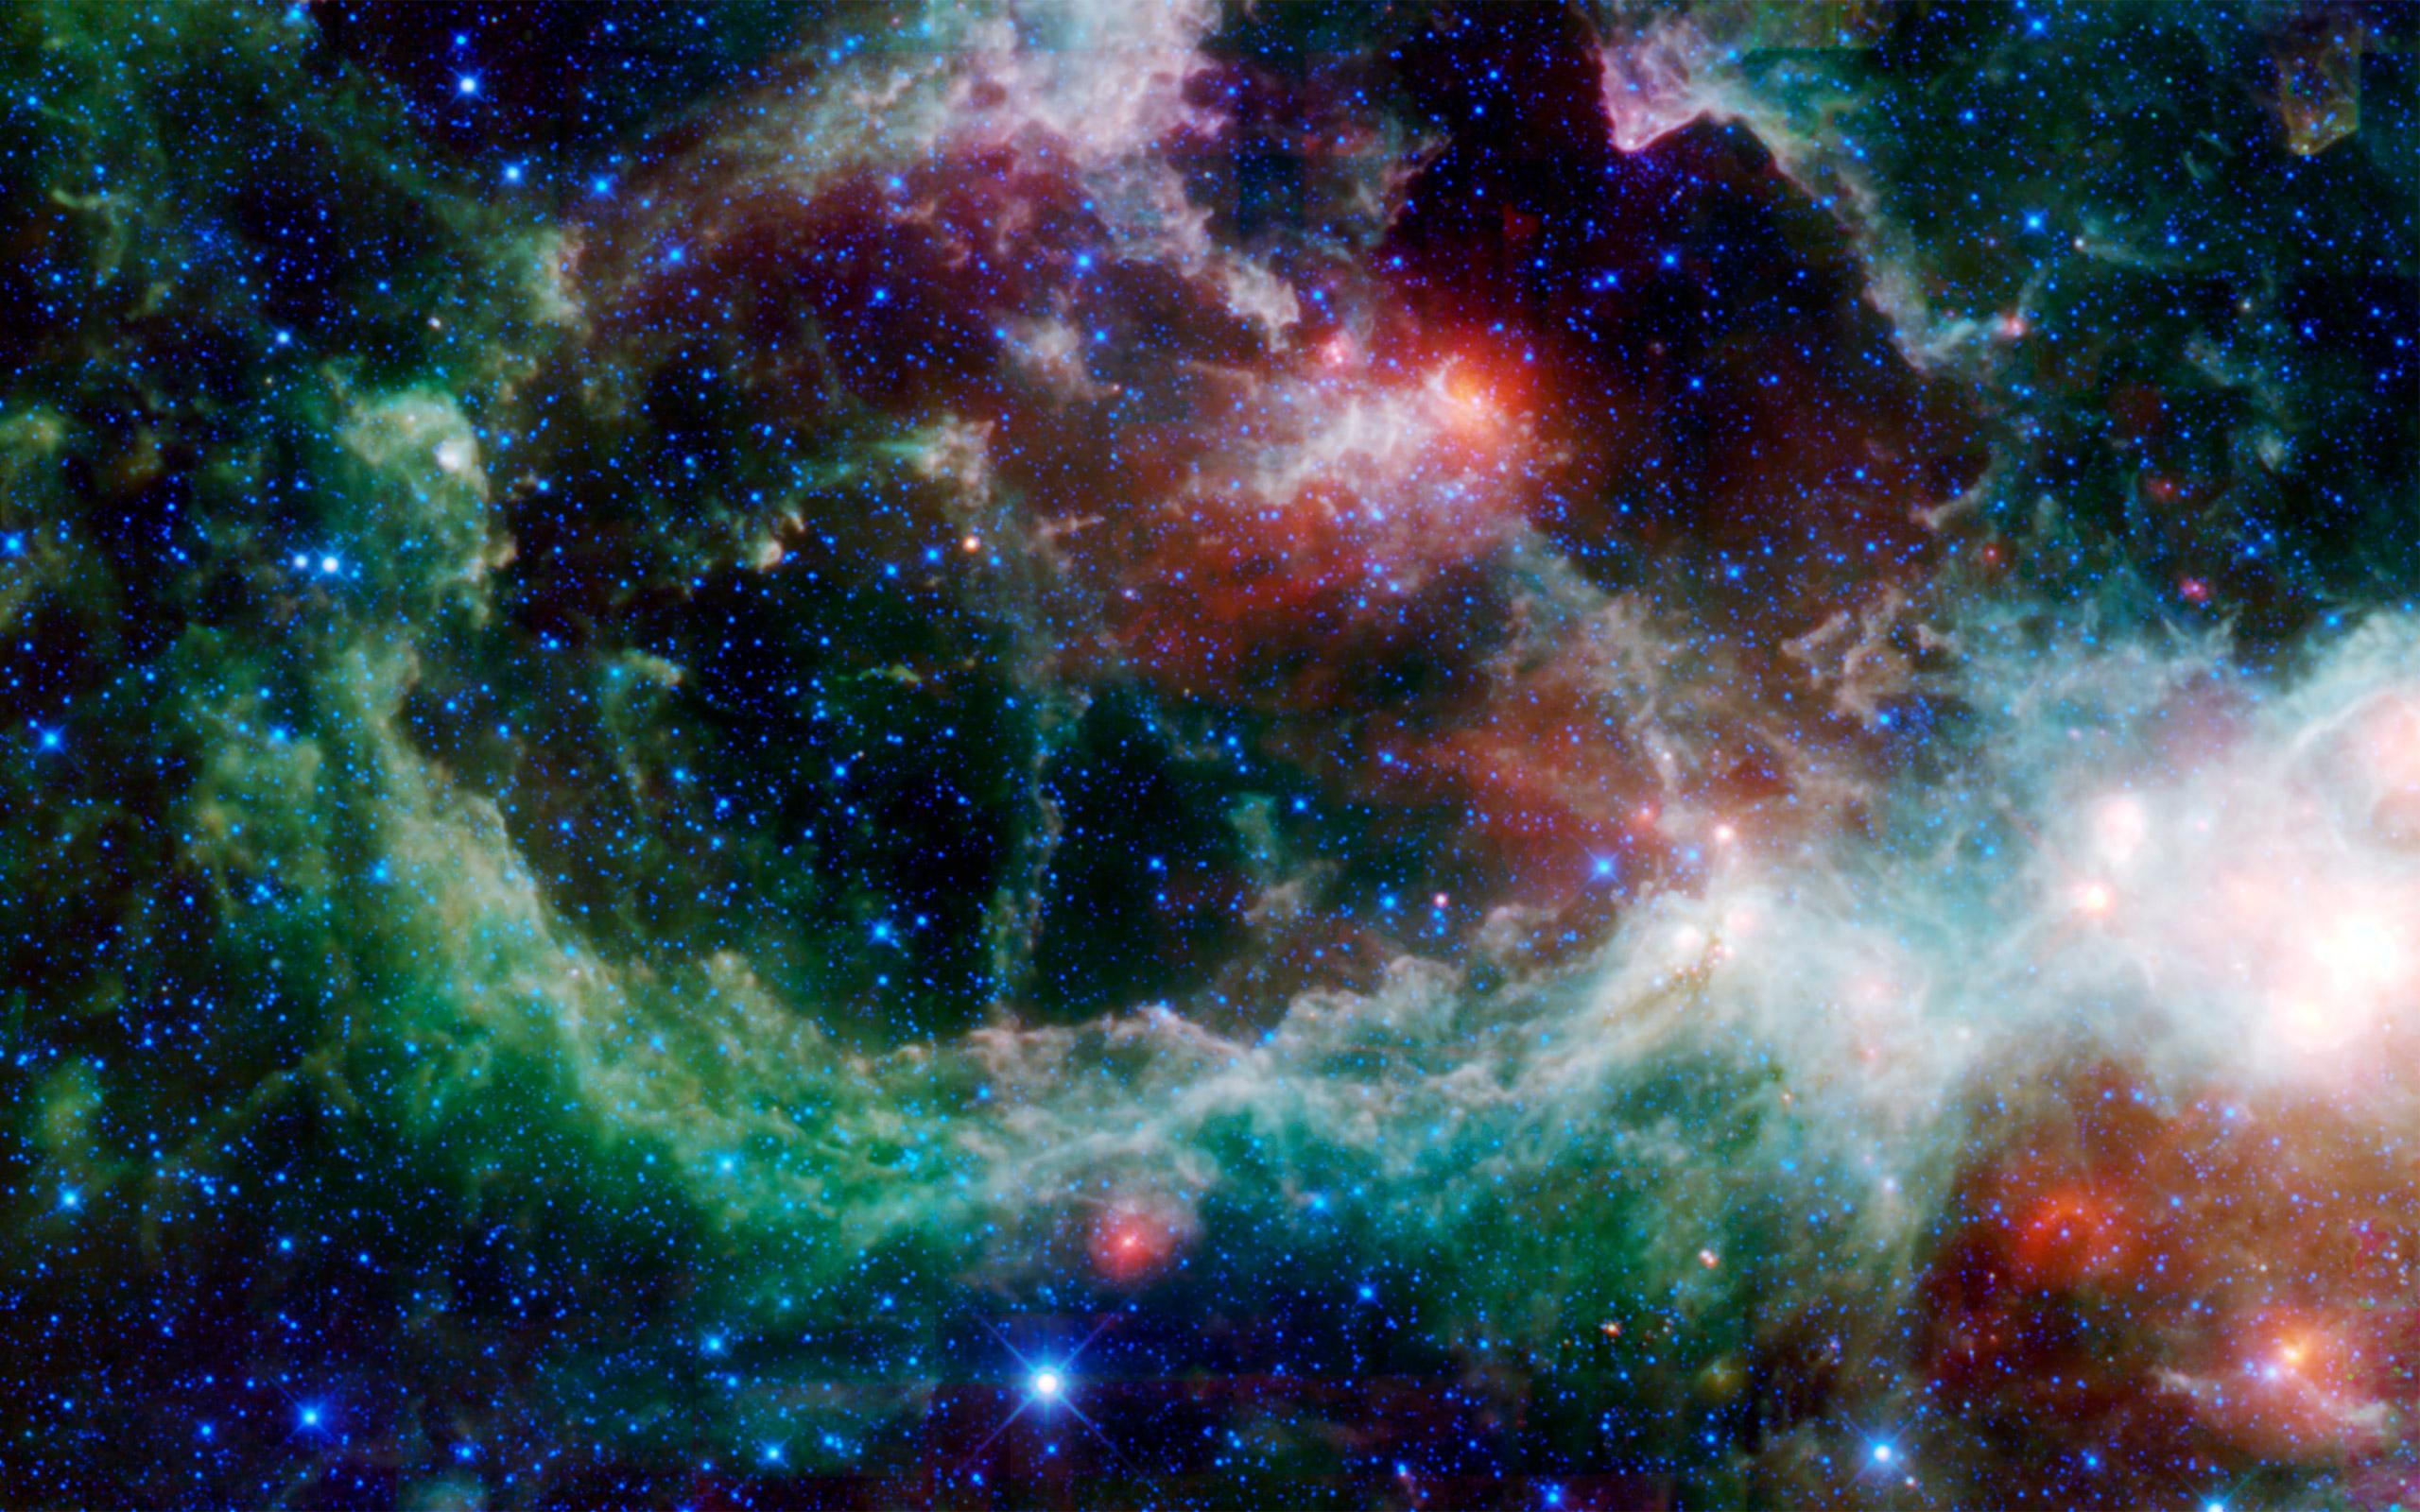 色とりどりの銀河の画像